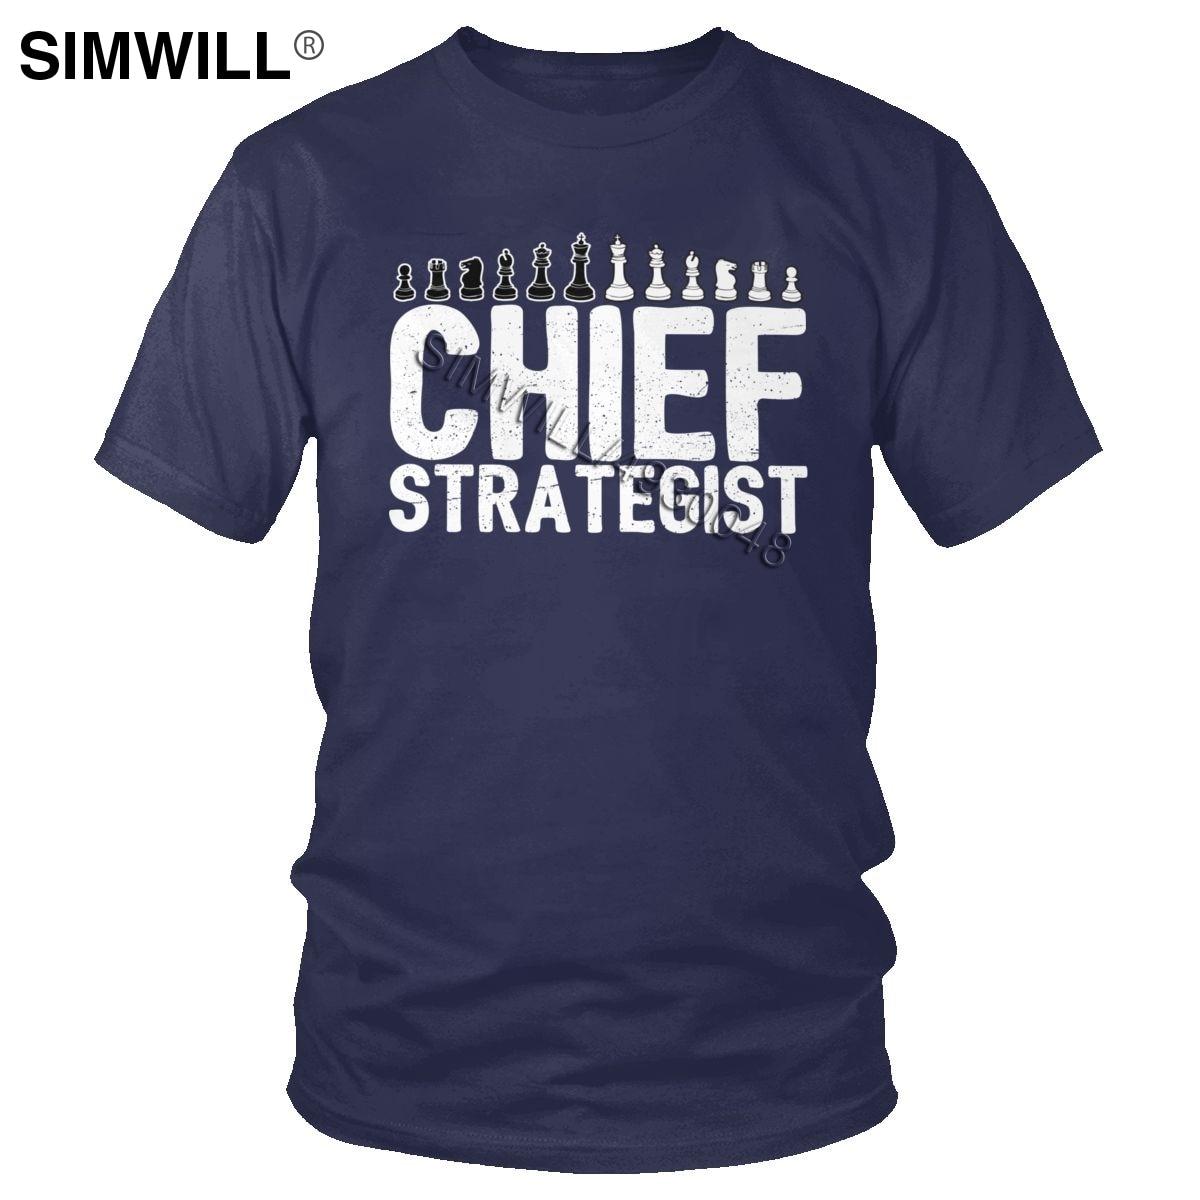 Camisetas de algodón para hombres, camiseta de máster de Ajedrez de Strategist, de manga corta, Rey reina, 60s, juego de mesa, Fan Player, camiseta de regalo de Club de ajedrez